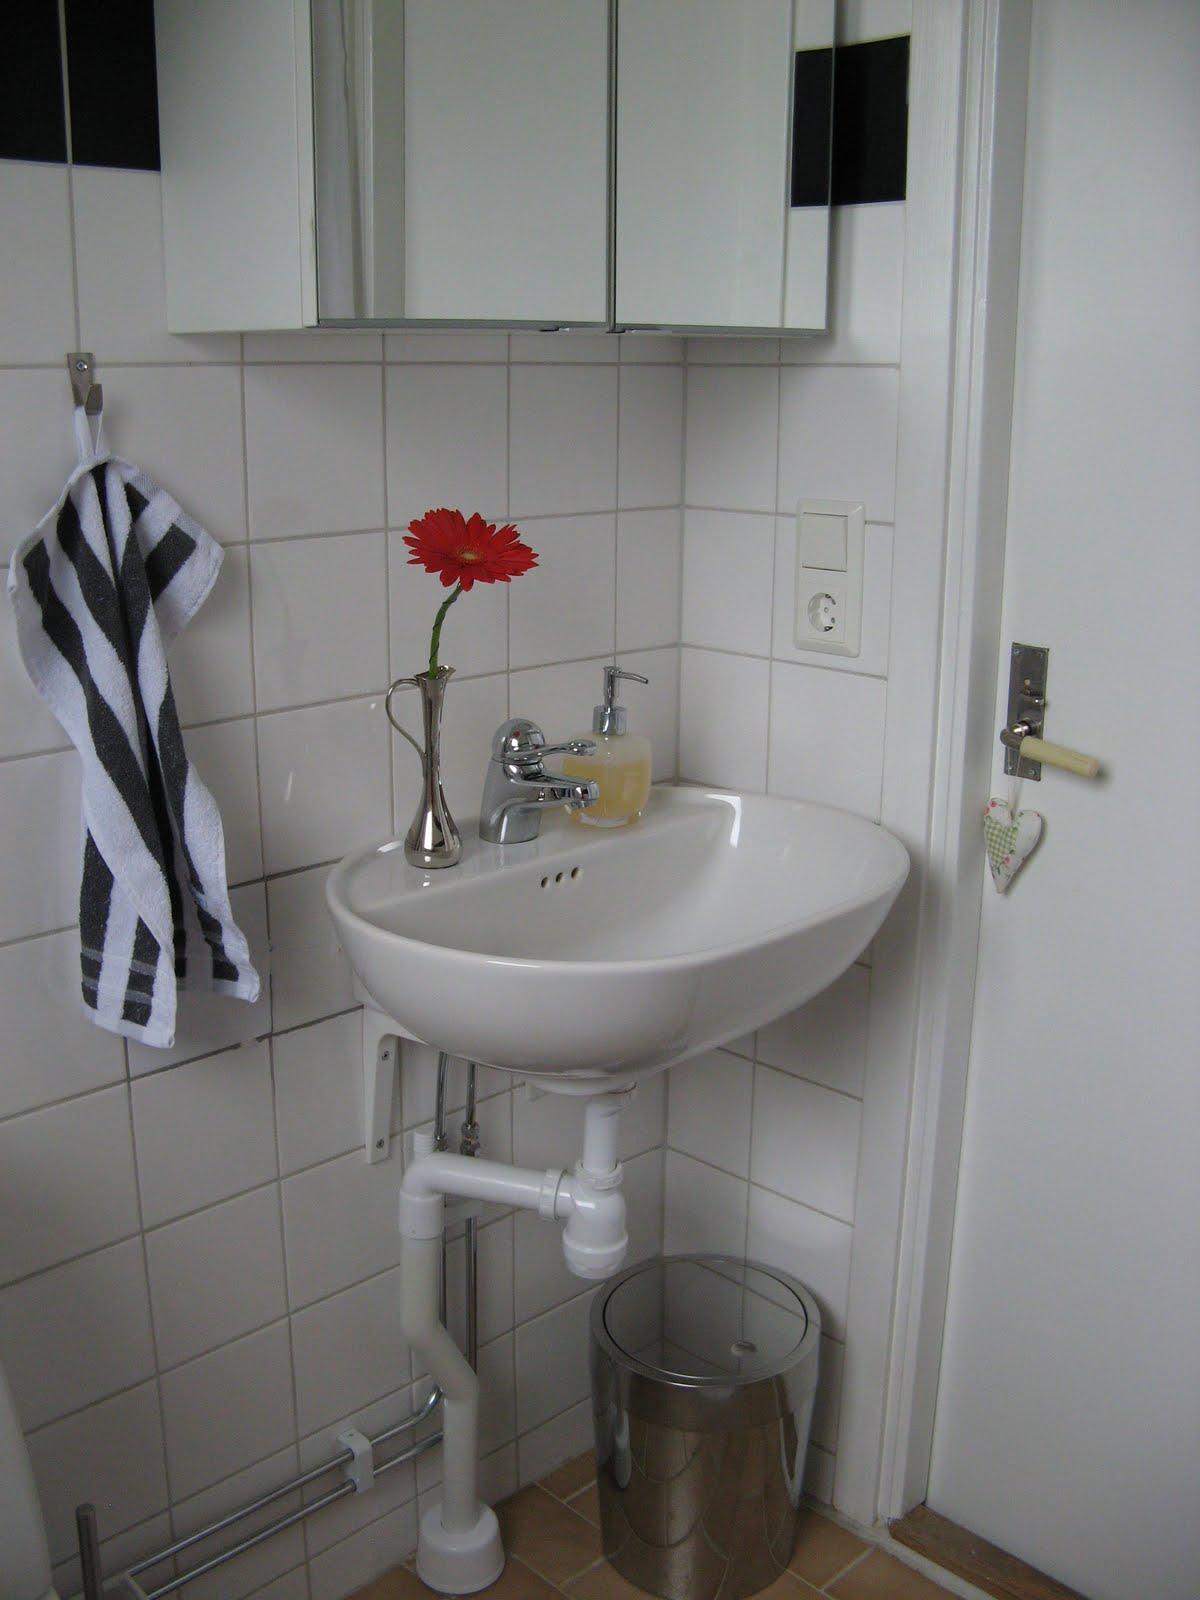 nem tudo fica branco preto e cinza! Uma corzinha vibrante vai bem #5F453F 1200x1600 Banheiro Branco Cinza E Vermelho